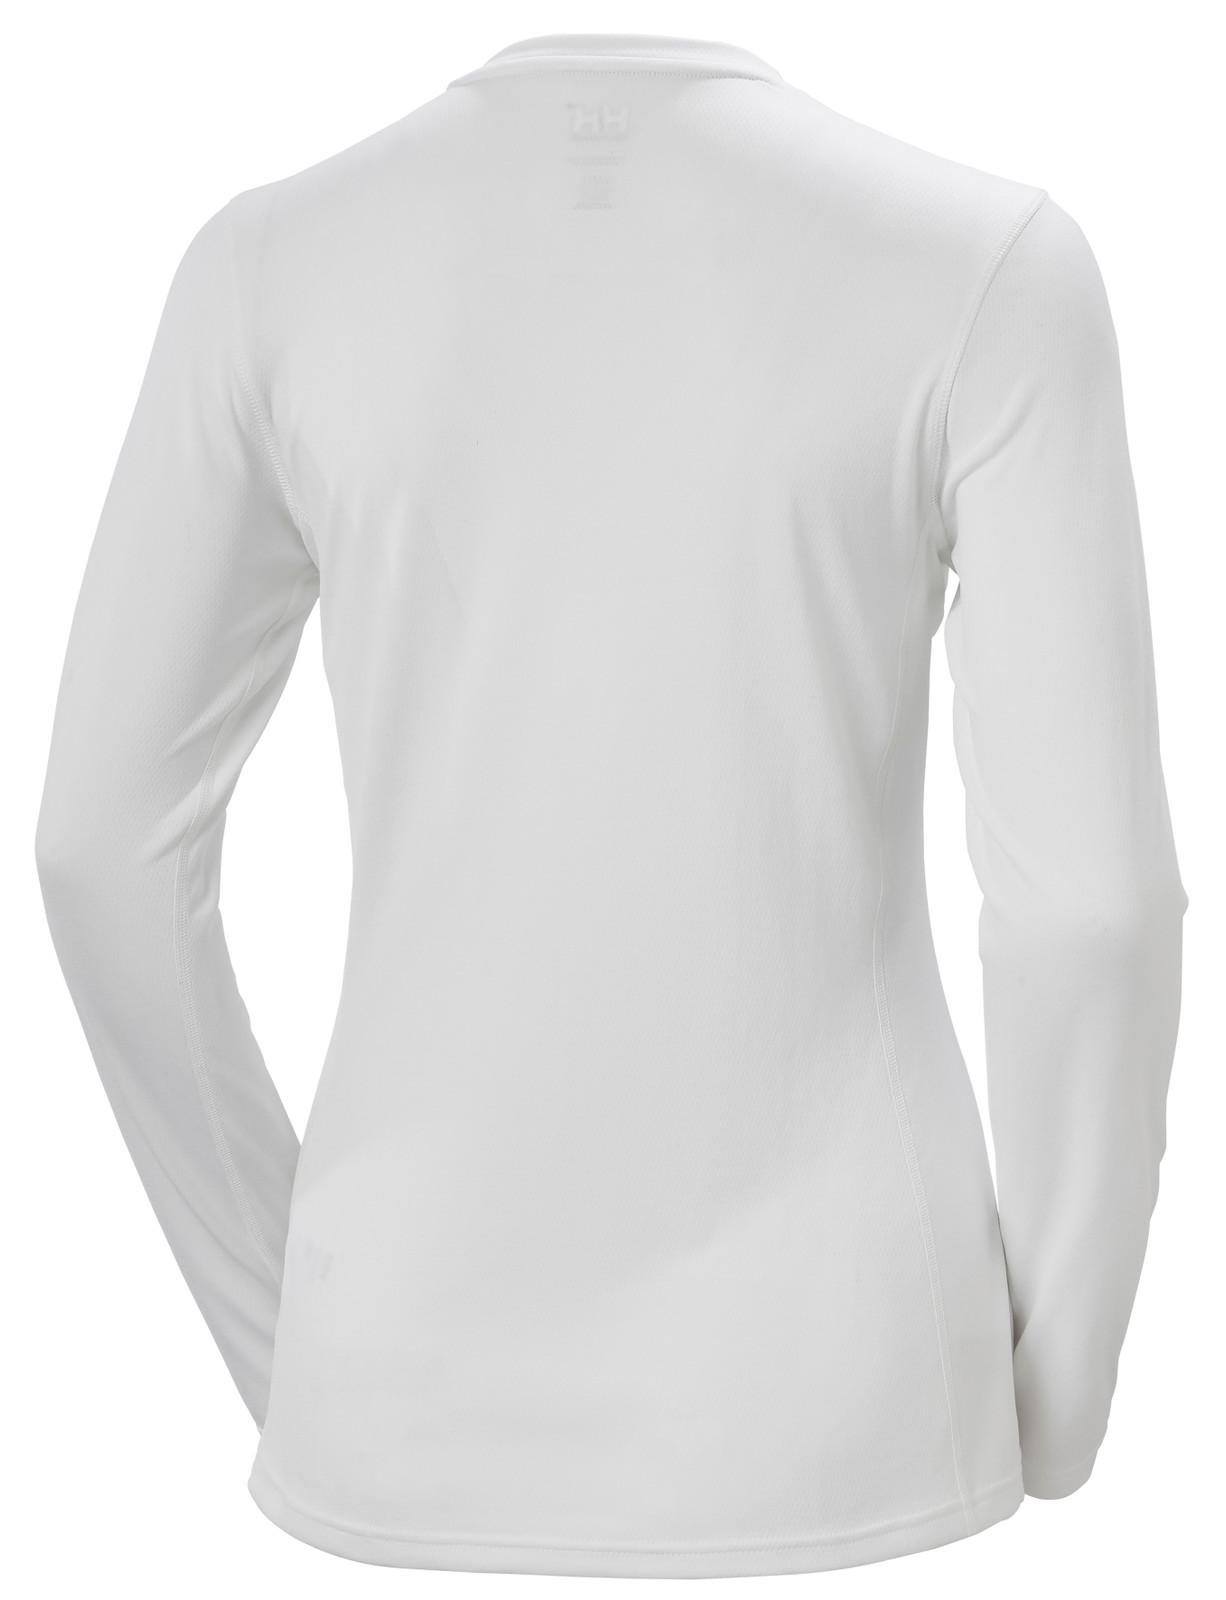 Helly Hansen Lifa Active Solen LS T-Shirt, Women's - White, 49352-001 back